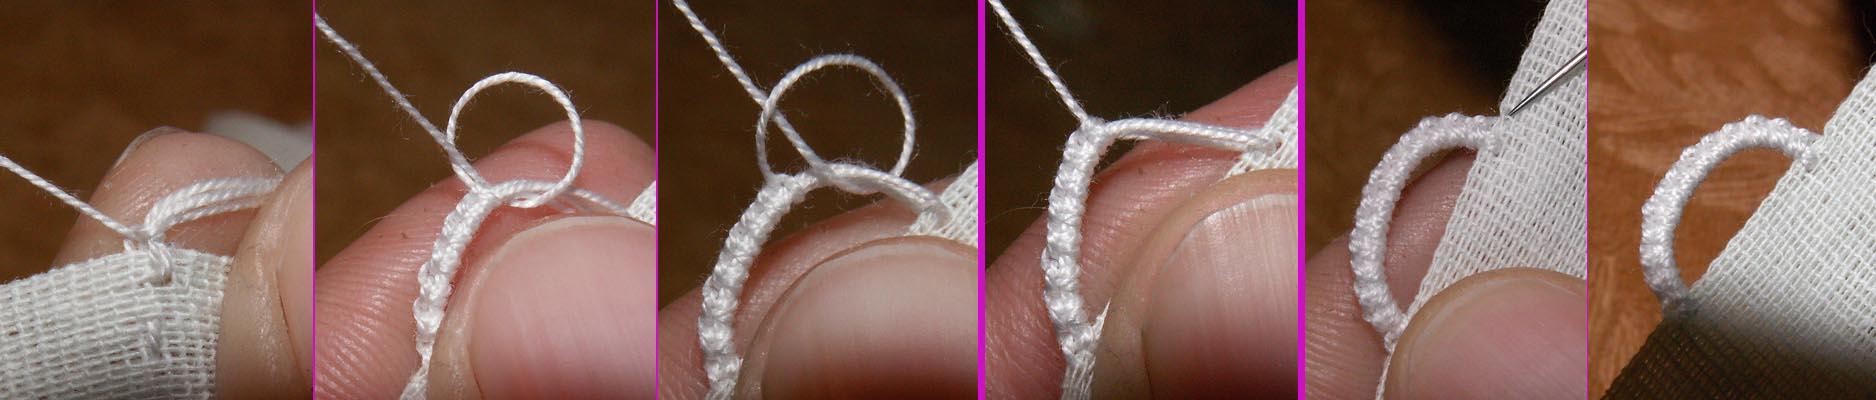 Как сделать воздушные петли для пуговиц из ниток